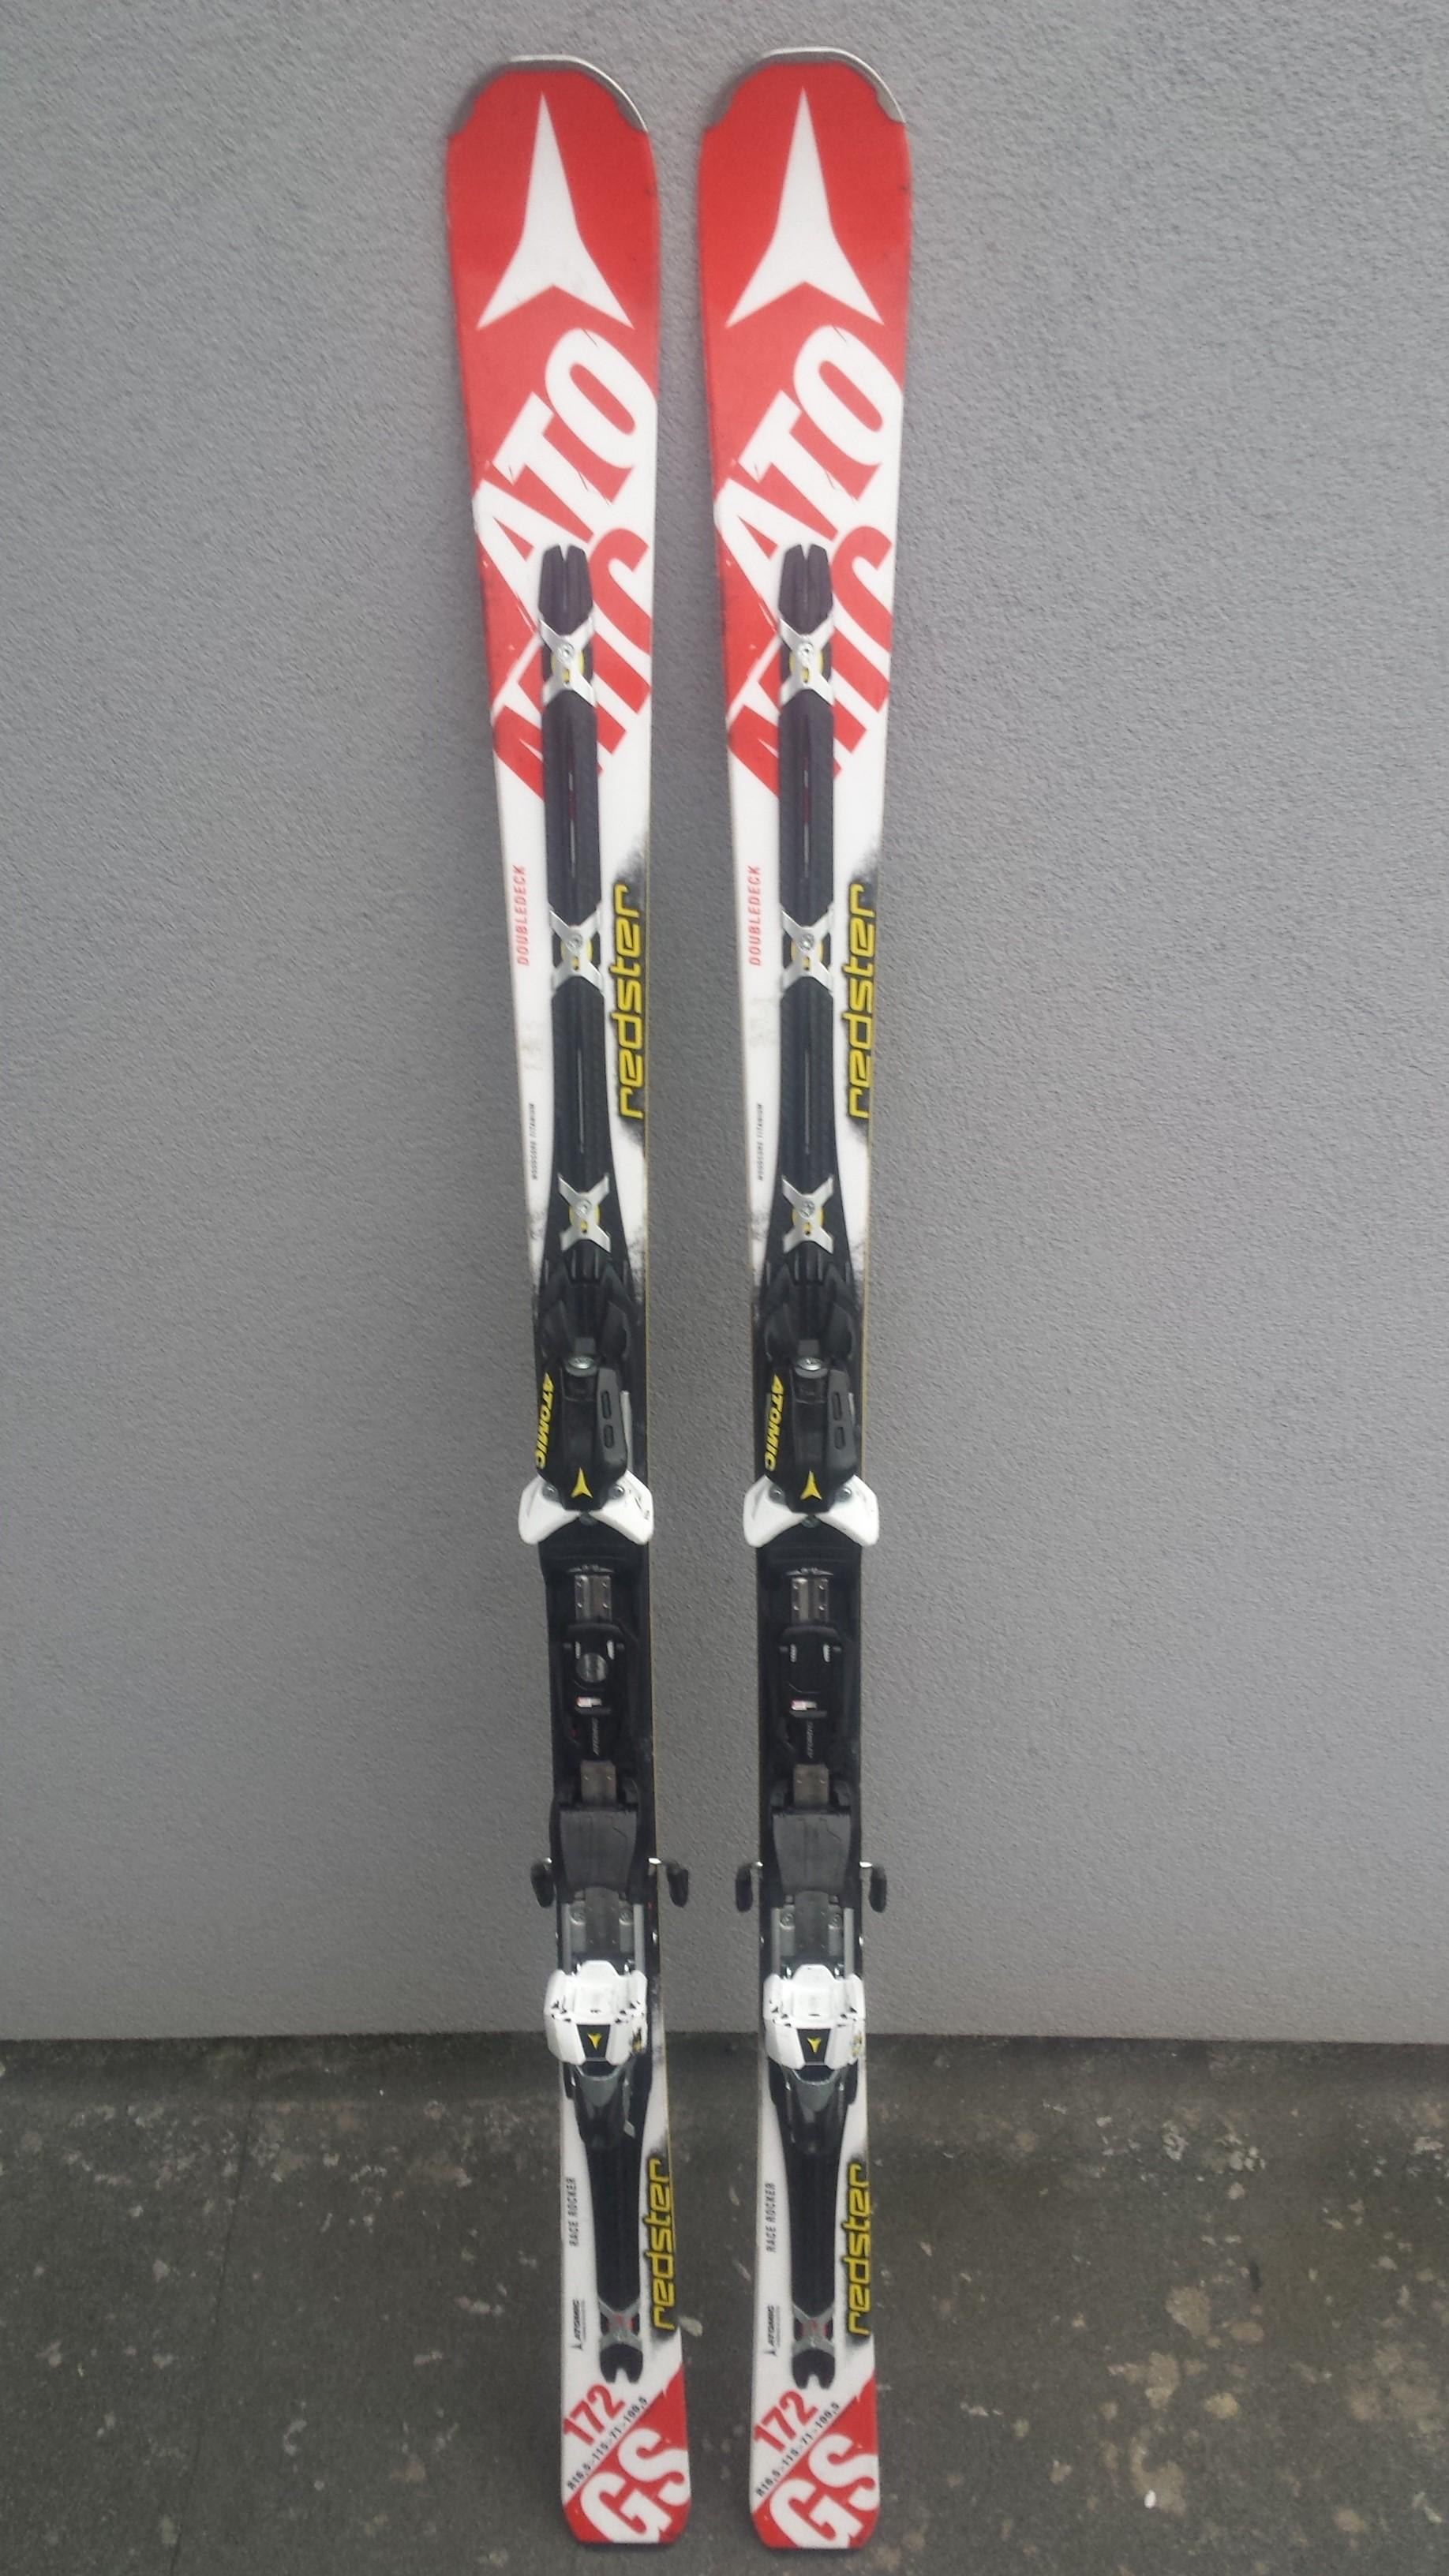 Prodám sjezdové lyže Atomic Redster Doubledeck 3.0 - Bazar - SNOW.CZ bc63f38d86a